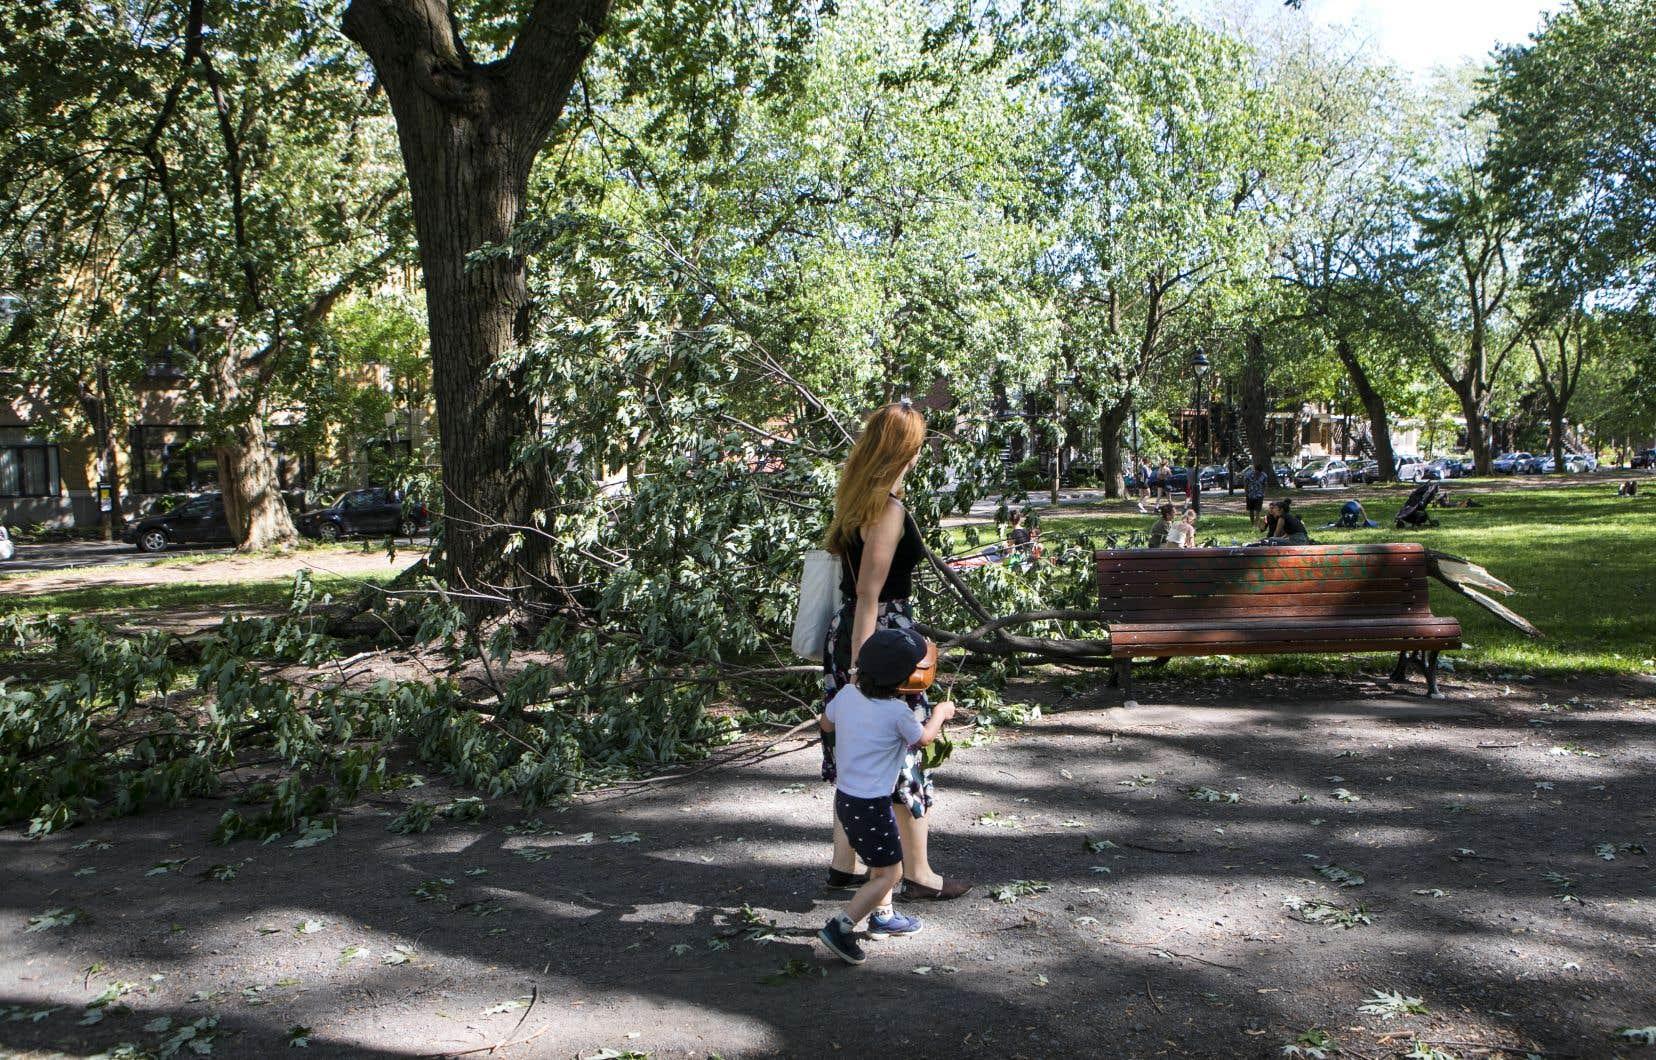 Les vents violents ont endommagé ou déracinés de nombreux arbres à Montréal, notamment dans le parc Laurier.